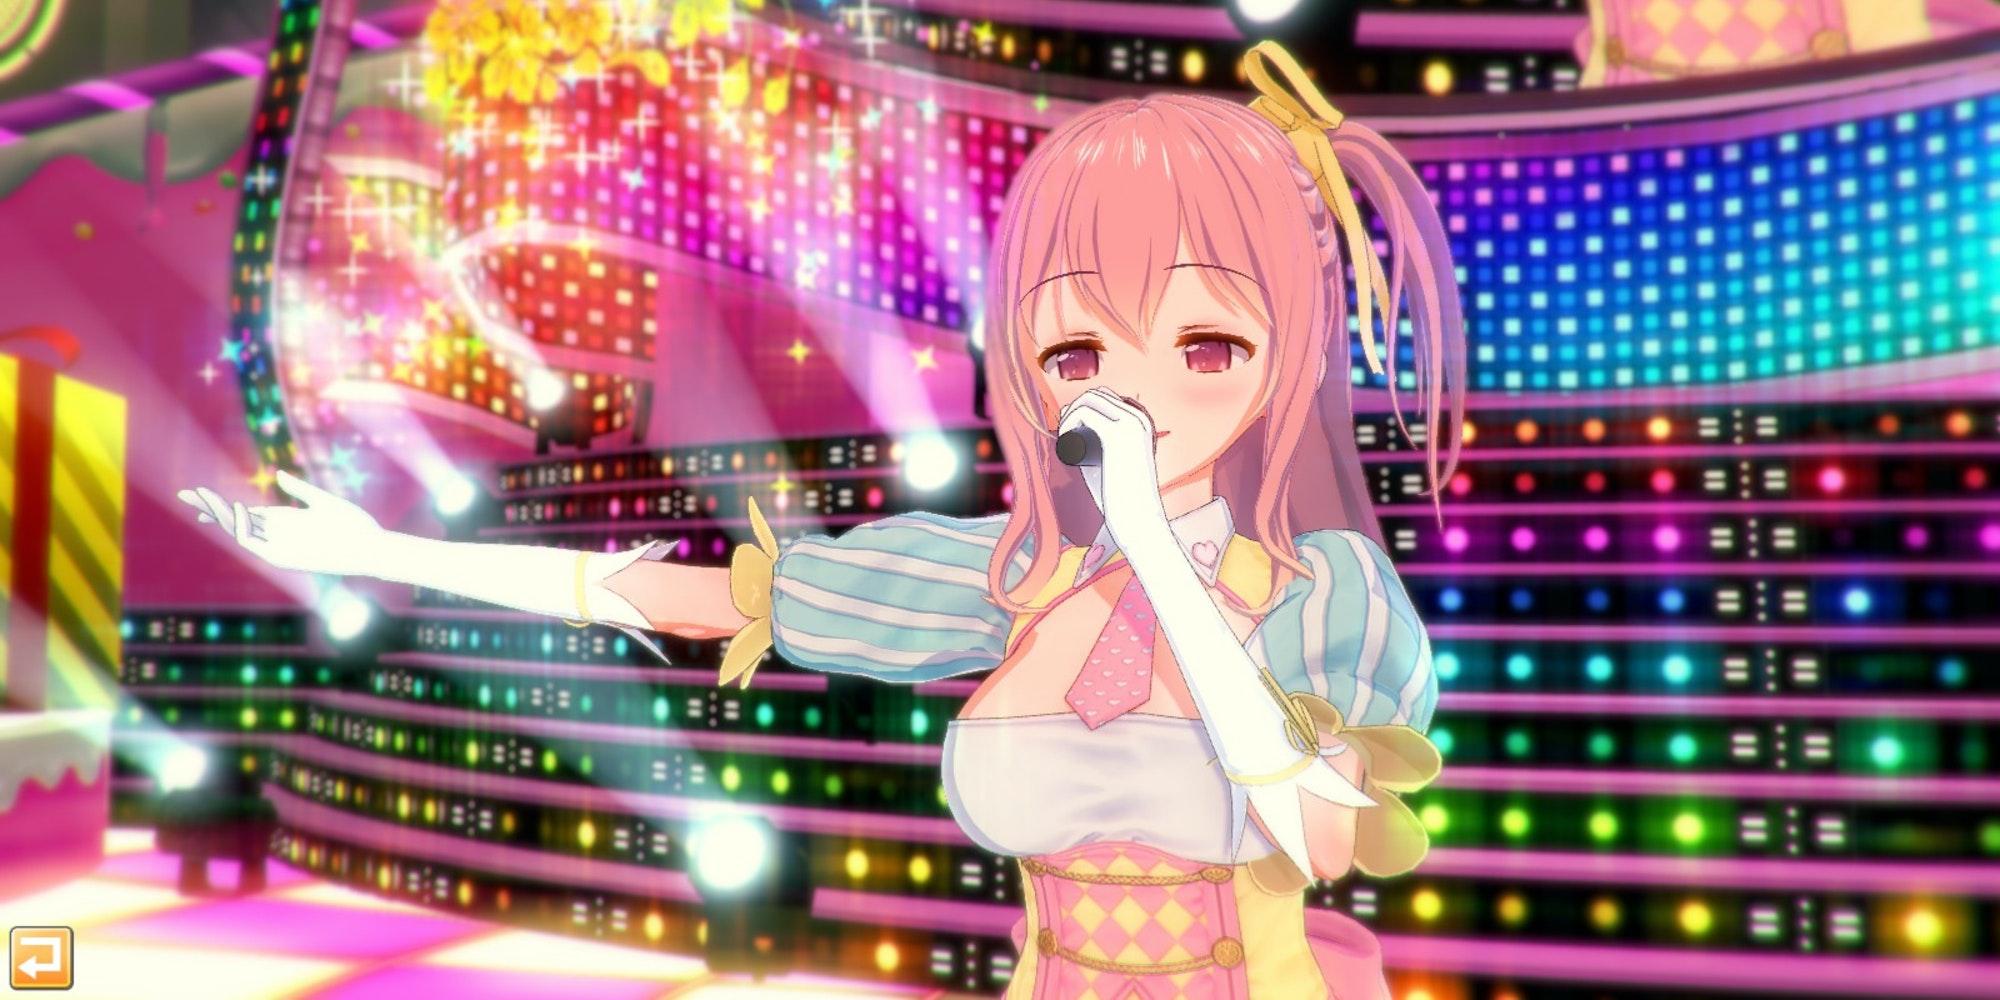 Koikatsu Party idol gameplay screenshot